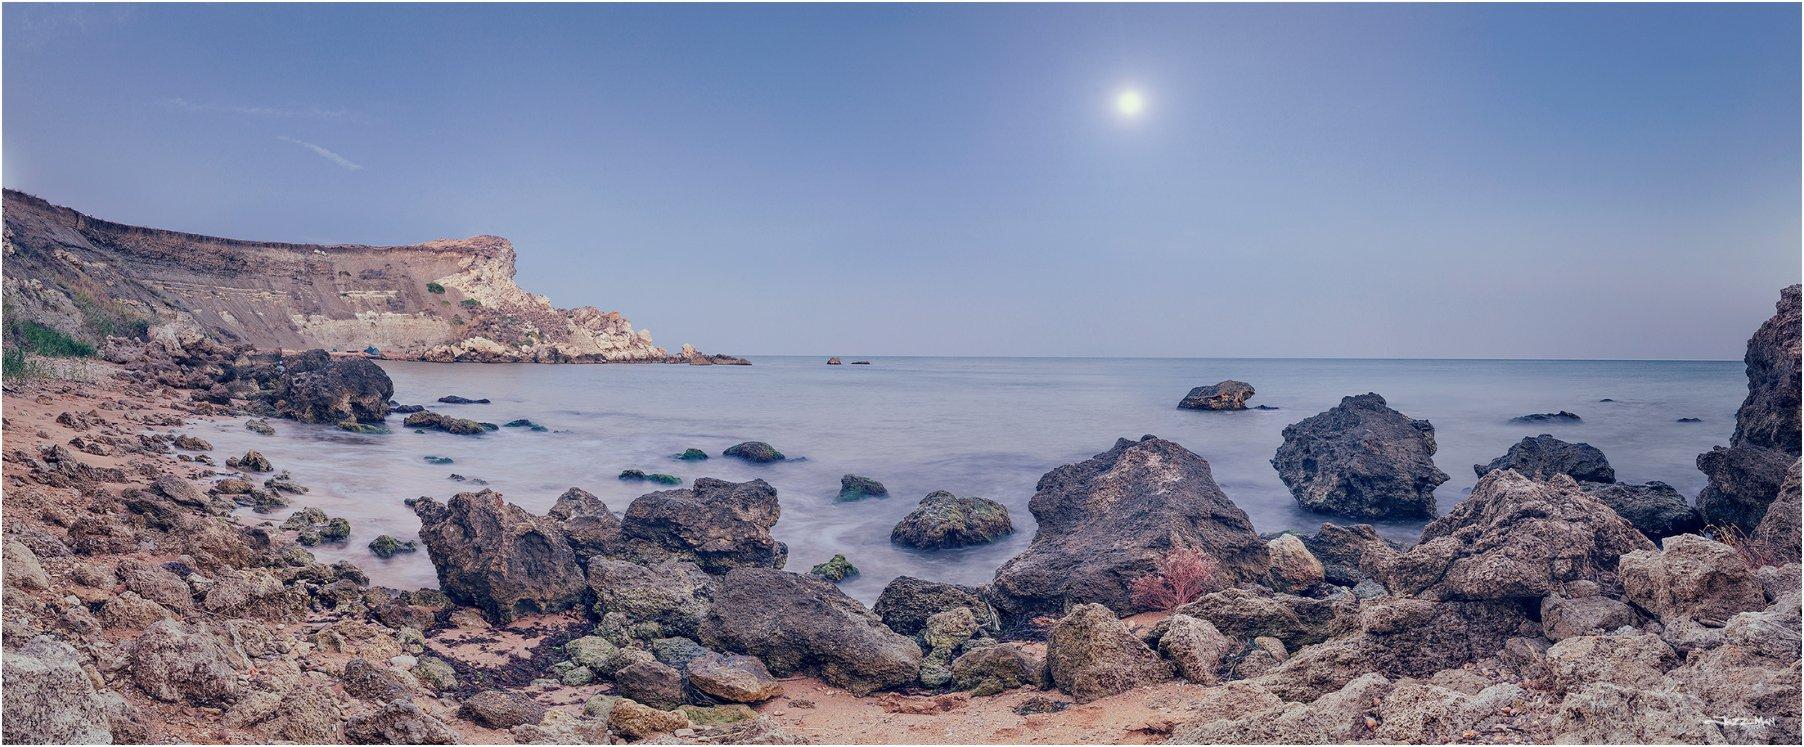 Закат, Камни, Крым, Луна, Панорама, Пляж, Черное море, Jazz Man